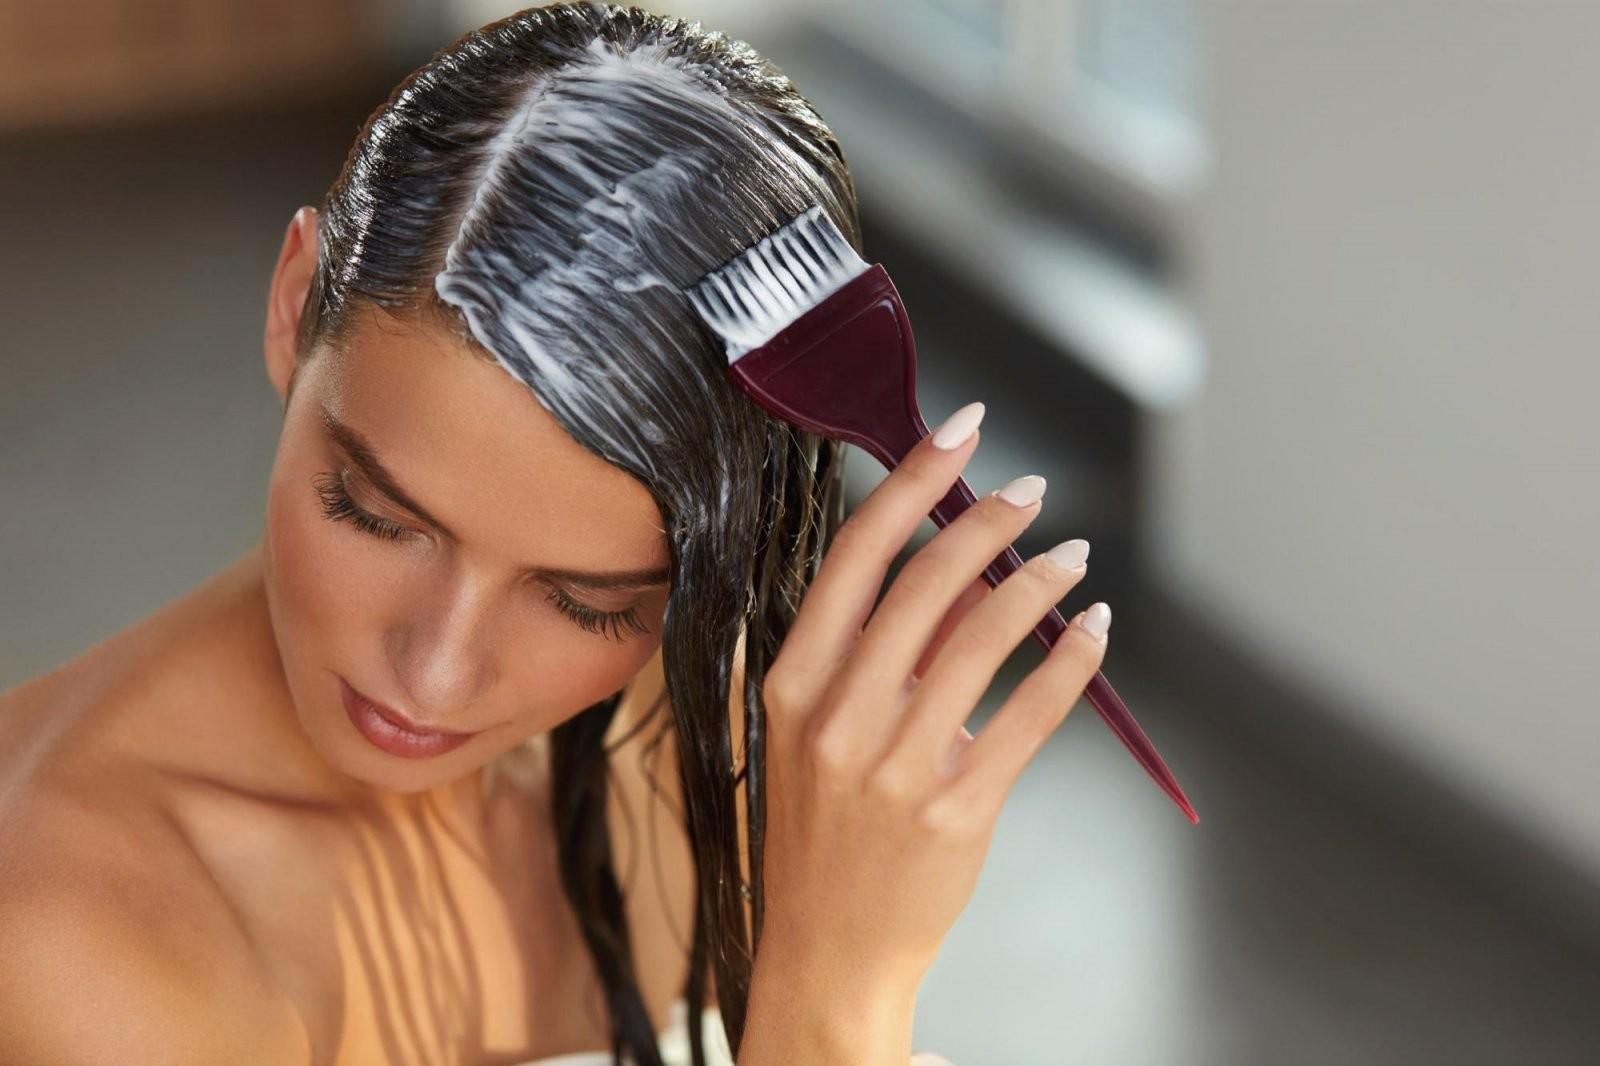 Teste Dich Welche Frisur Passt Zu Mir von Teste Dich Welche Haarfarbe Passt Zu Mir Bild